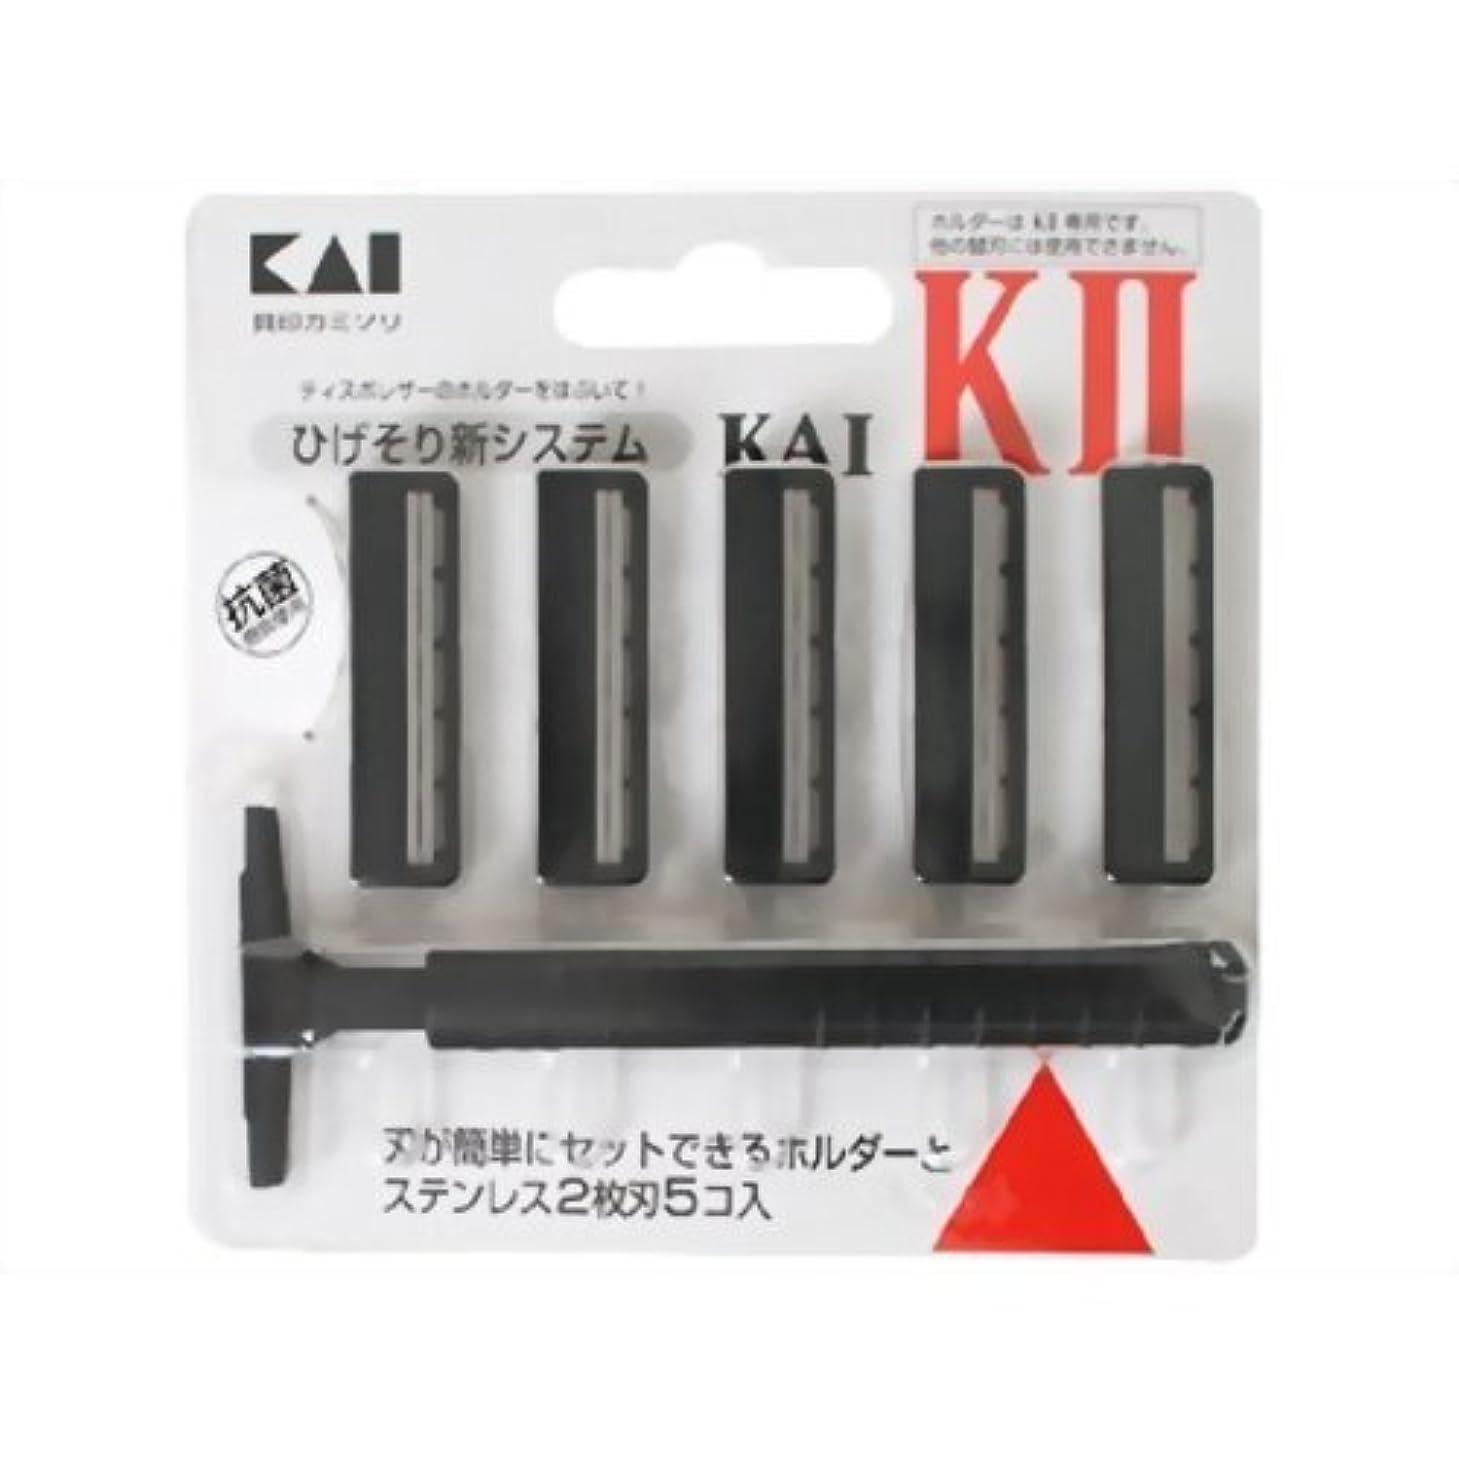 ゲート承知しましたとティームカミソリ KAI-K2 K2-5 ×10個セット